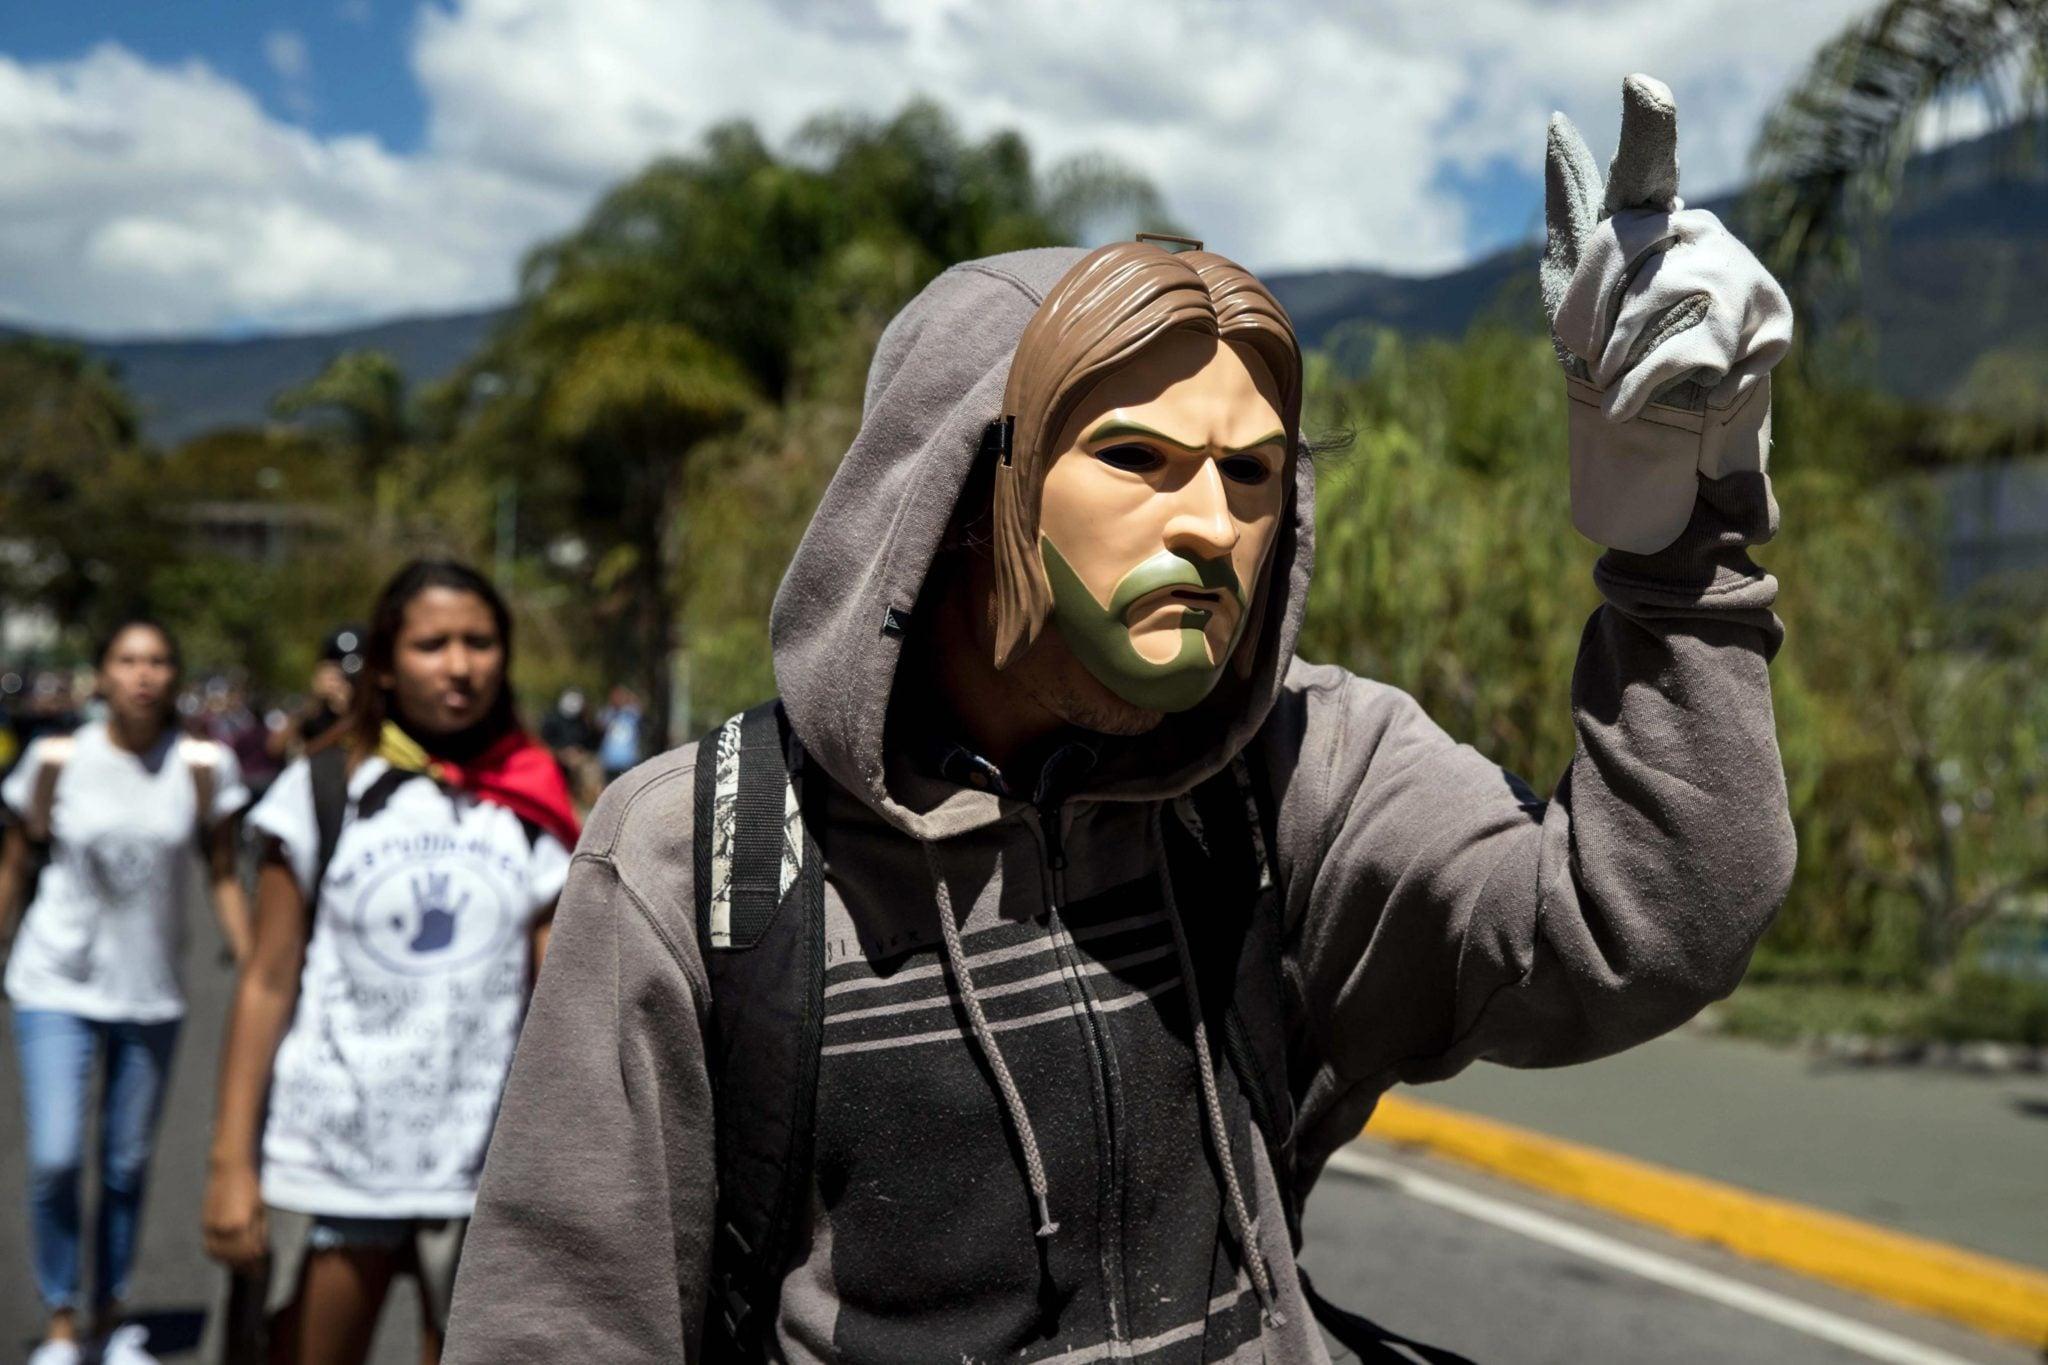 Wenezuela: Kościół katolicki w Wenezueli potępił i określił jako